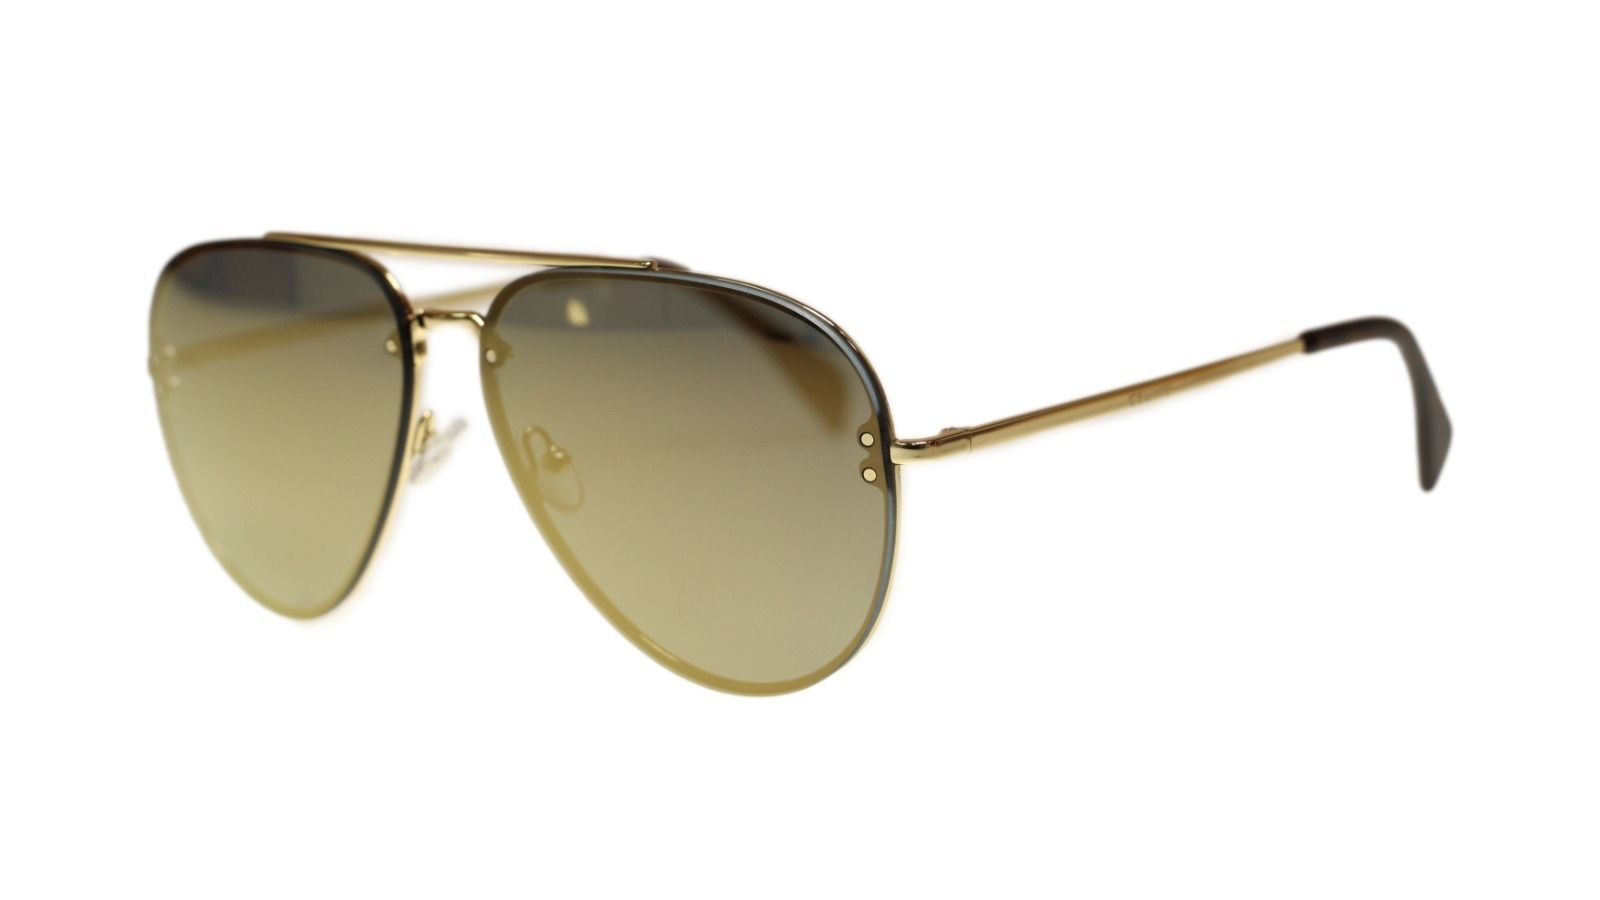 1ba4e0fb6ec S l1600. S l1600. Previous. Celine Unisex Sunglasses Cl41391 J5G MV Gold Bronze  Lens Aviator Authentic